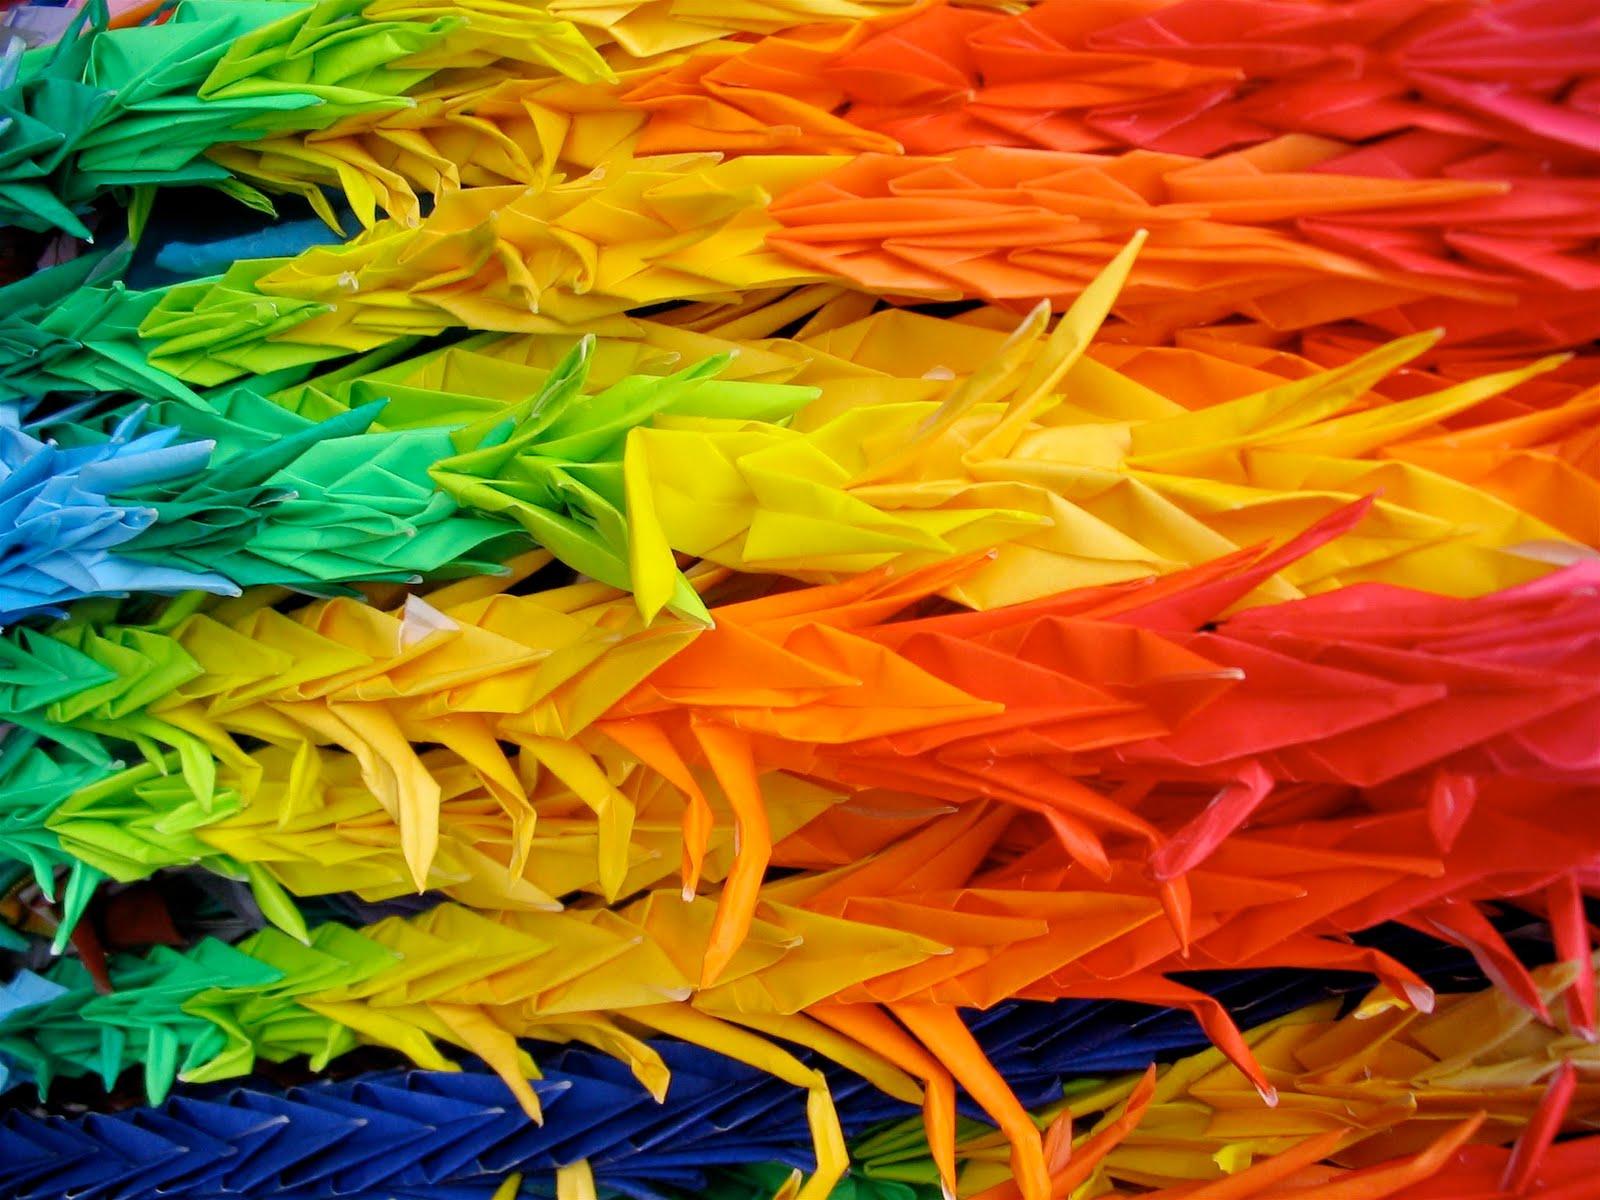 радужные лоскутки ткани, скачать фото. обои для рабочего стола, радуга